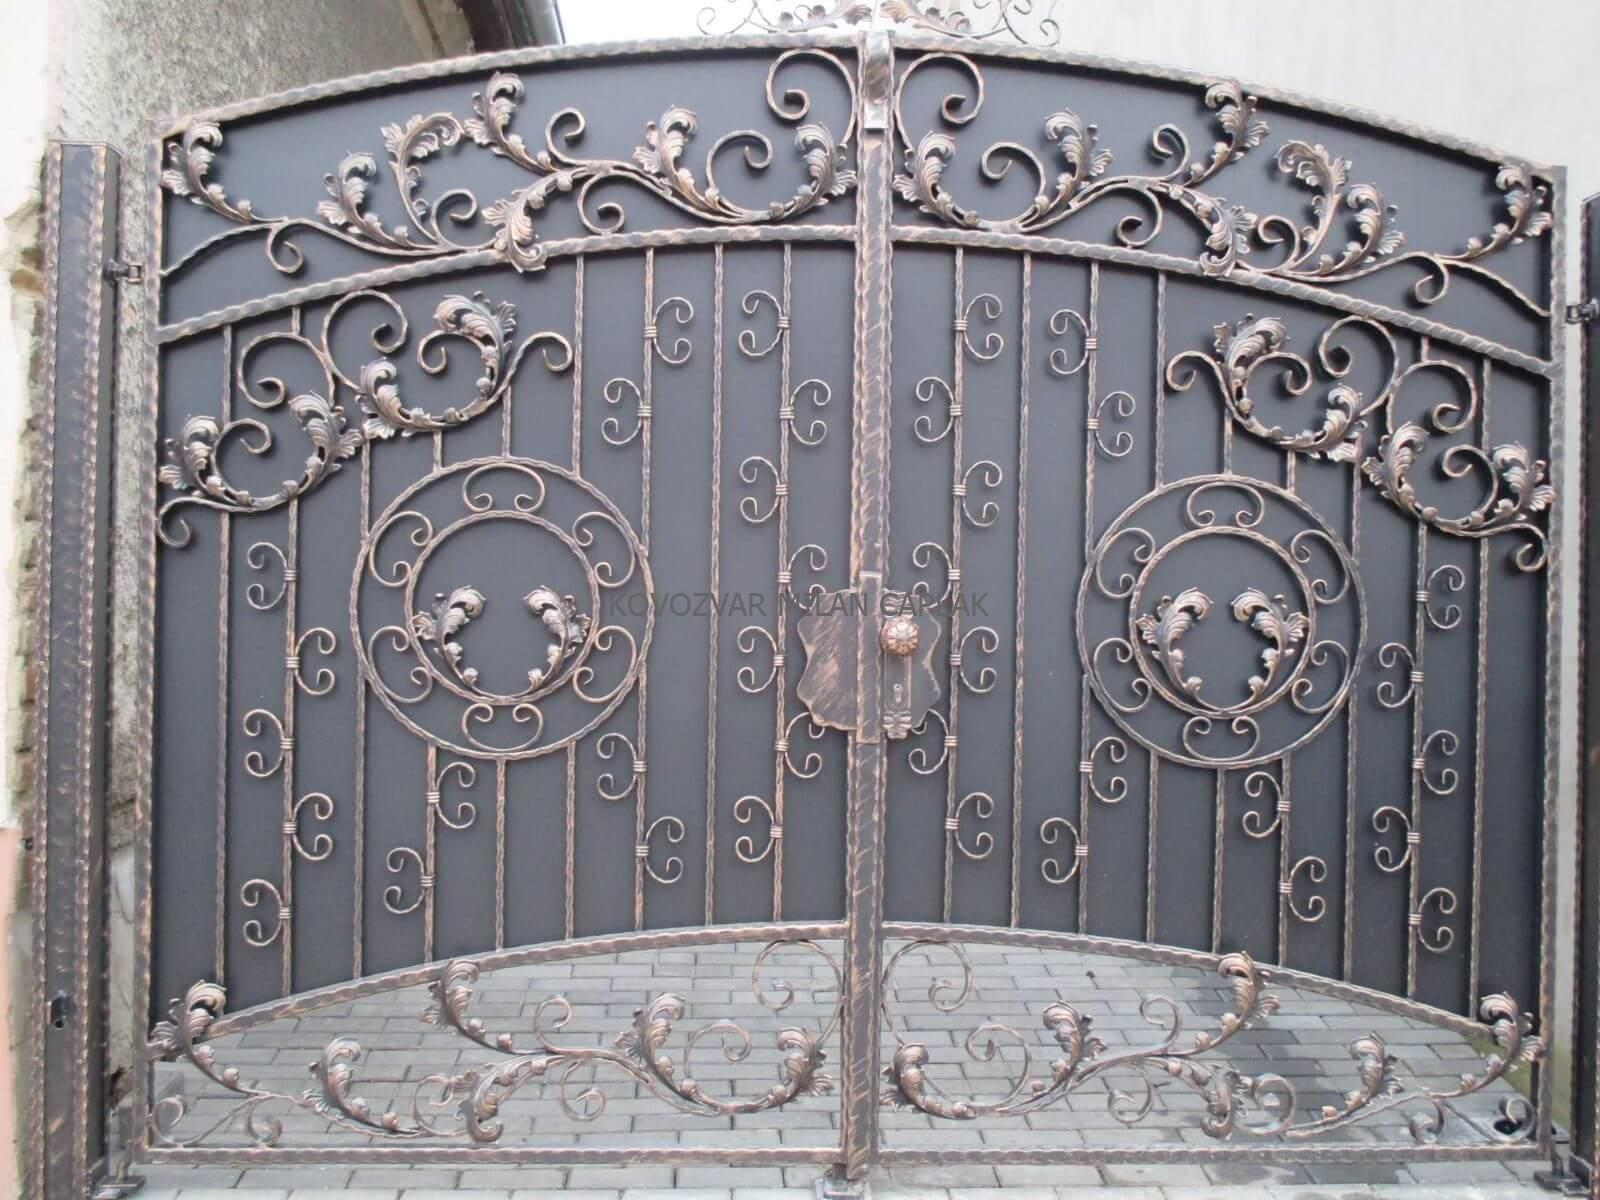 Kované brány, kované ploty, kované mreže, kované balkóny, kované zábradlia, kované postele, kované kvety a doplnky.